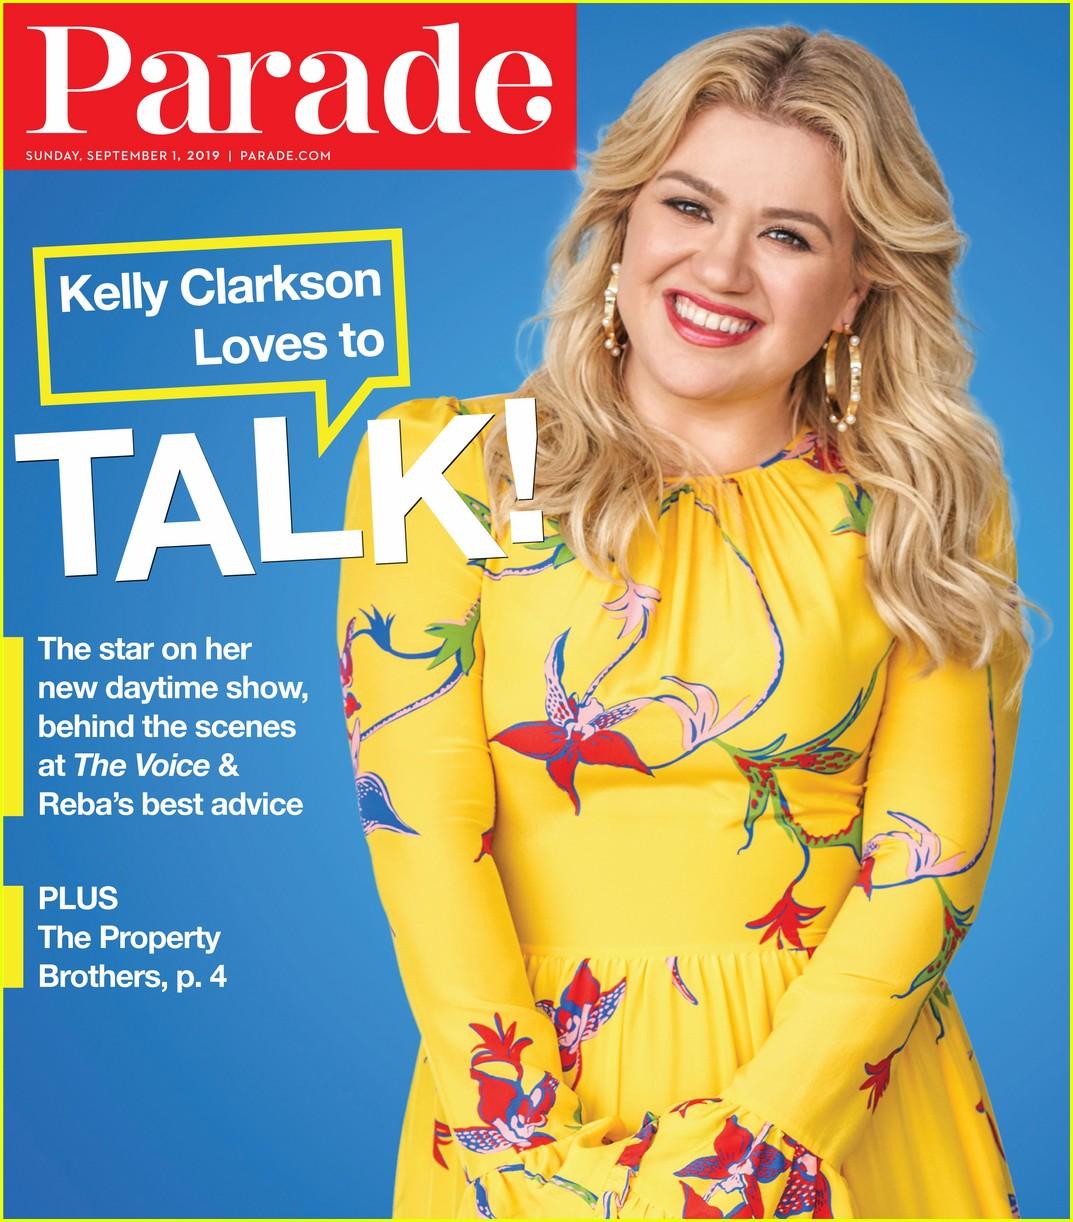 kelly clarkson parade magazine4342442